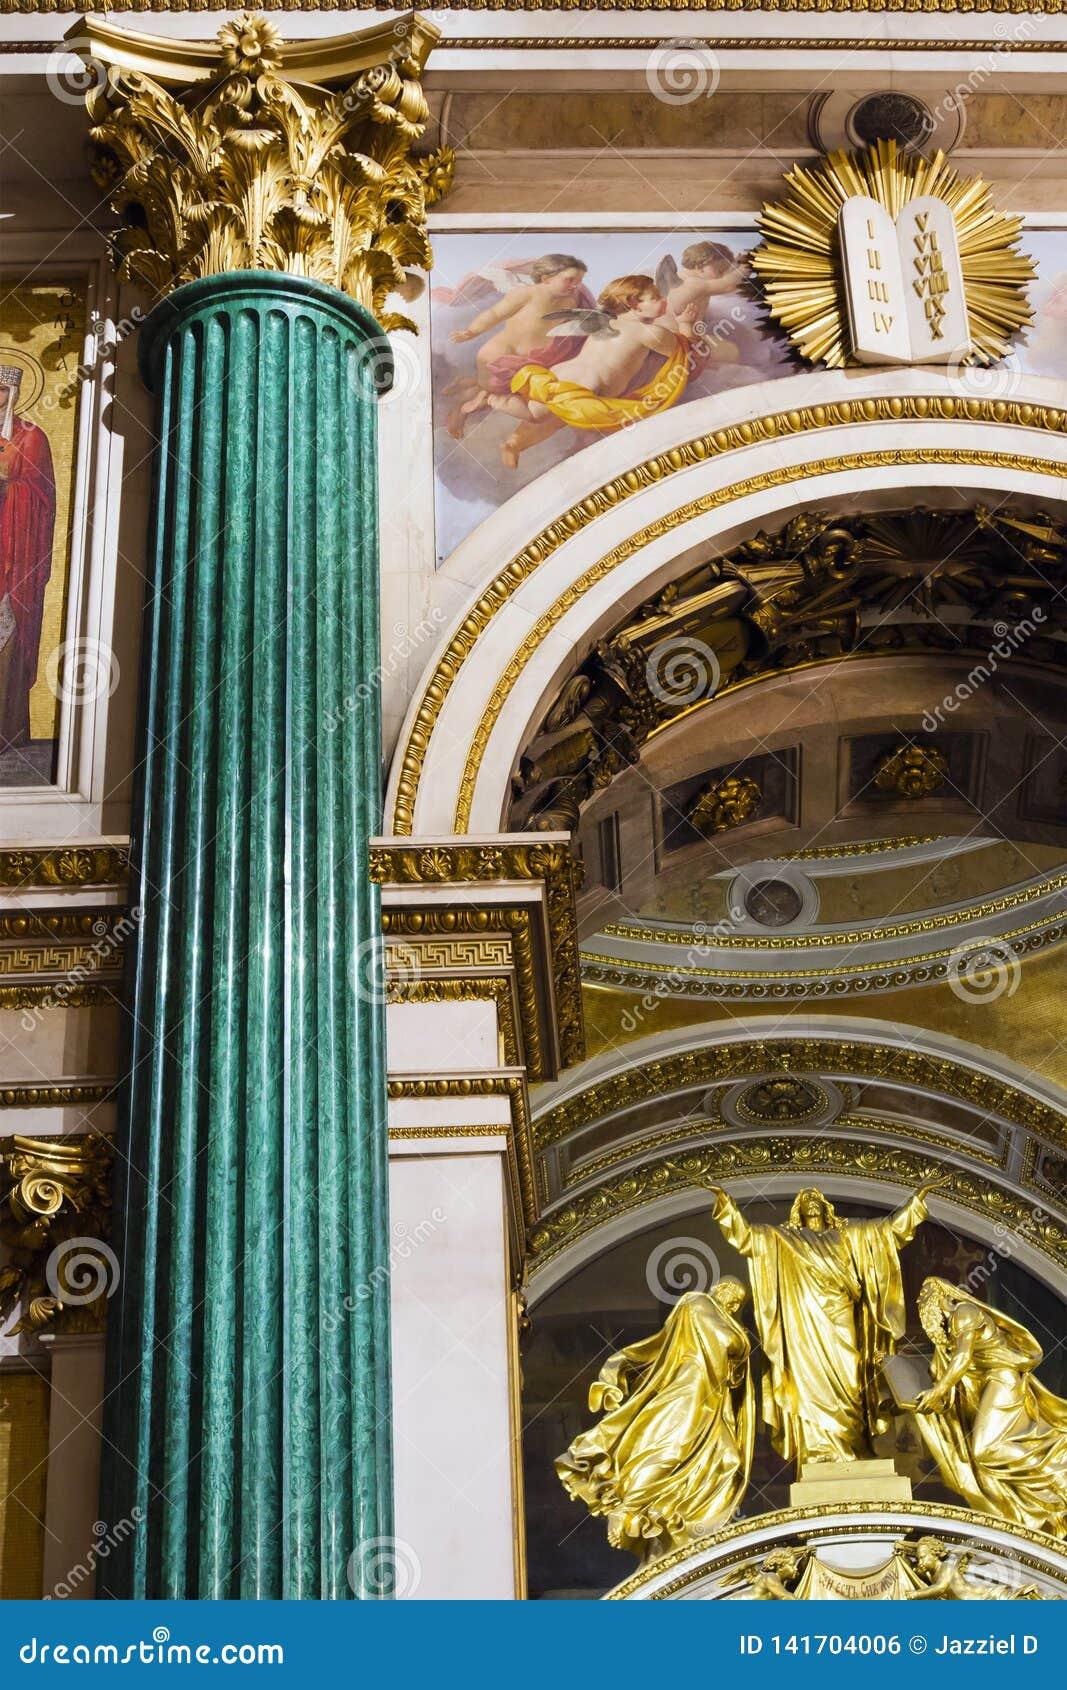 Fragmento del interior adornado rico de la catedral ortodoxa de Isaac antiguo del santo